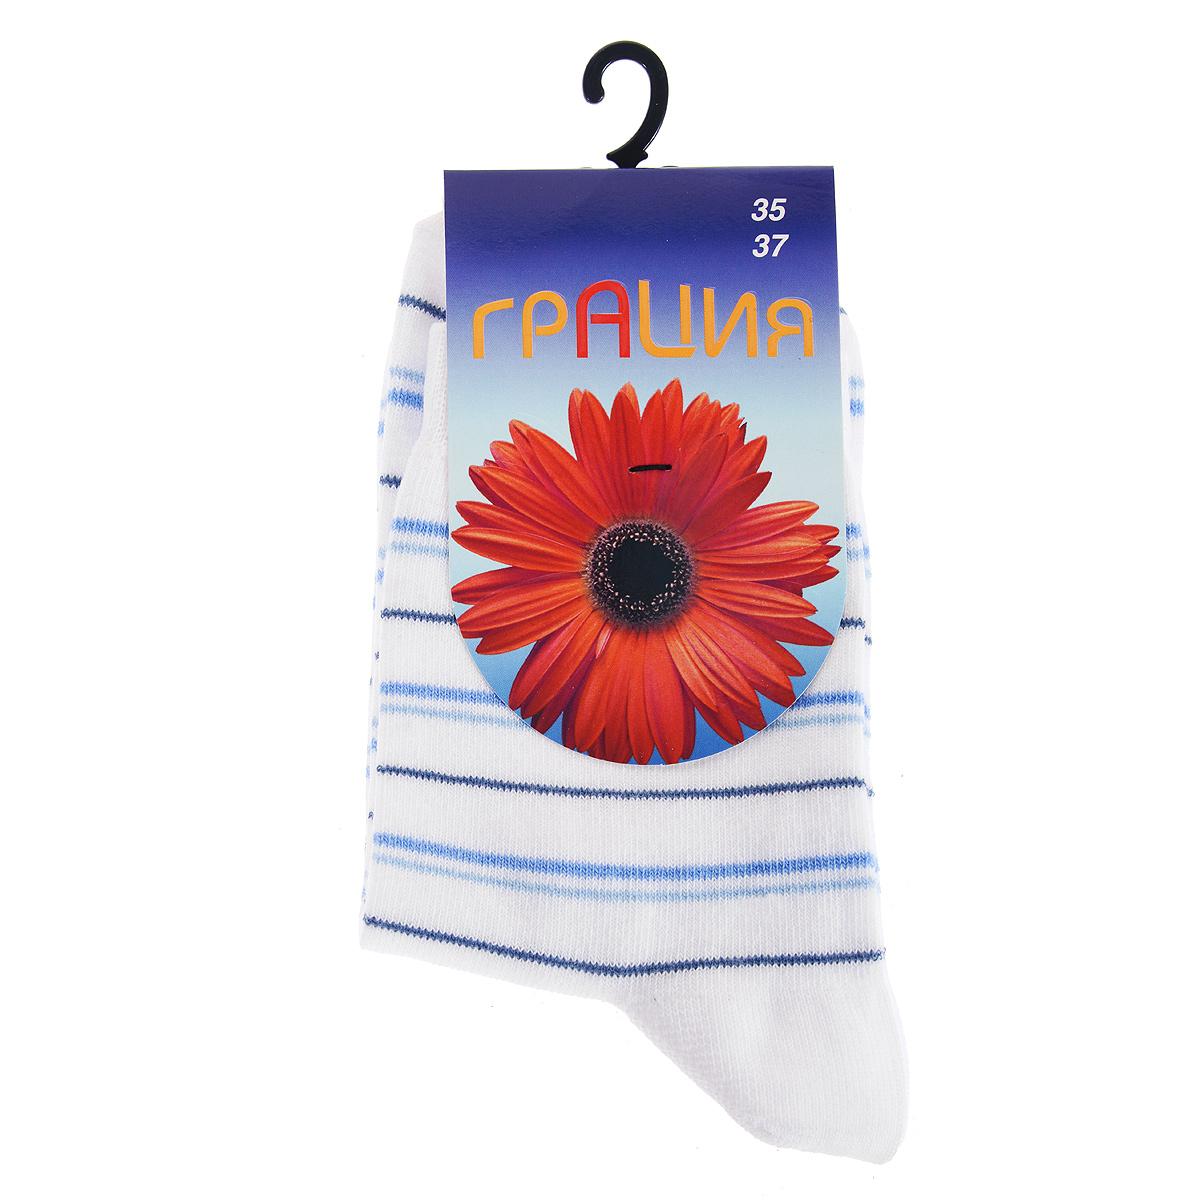 НоскиМ 1004-1-АБКлассические носочки из натуральных материалов, изготовленные по особой технологии в соответствии с мировыми стандартами качества.